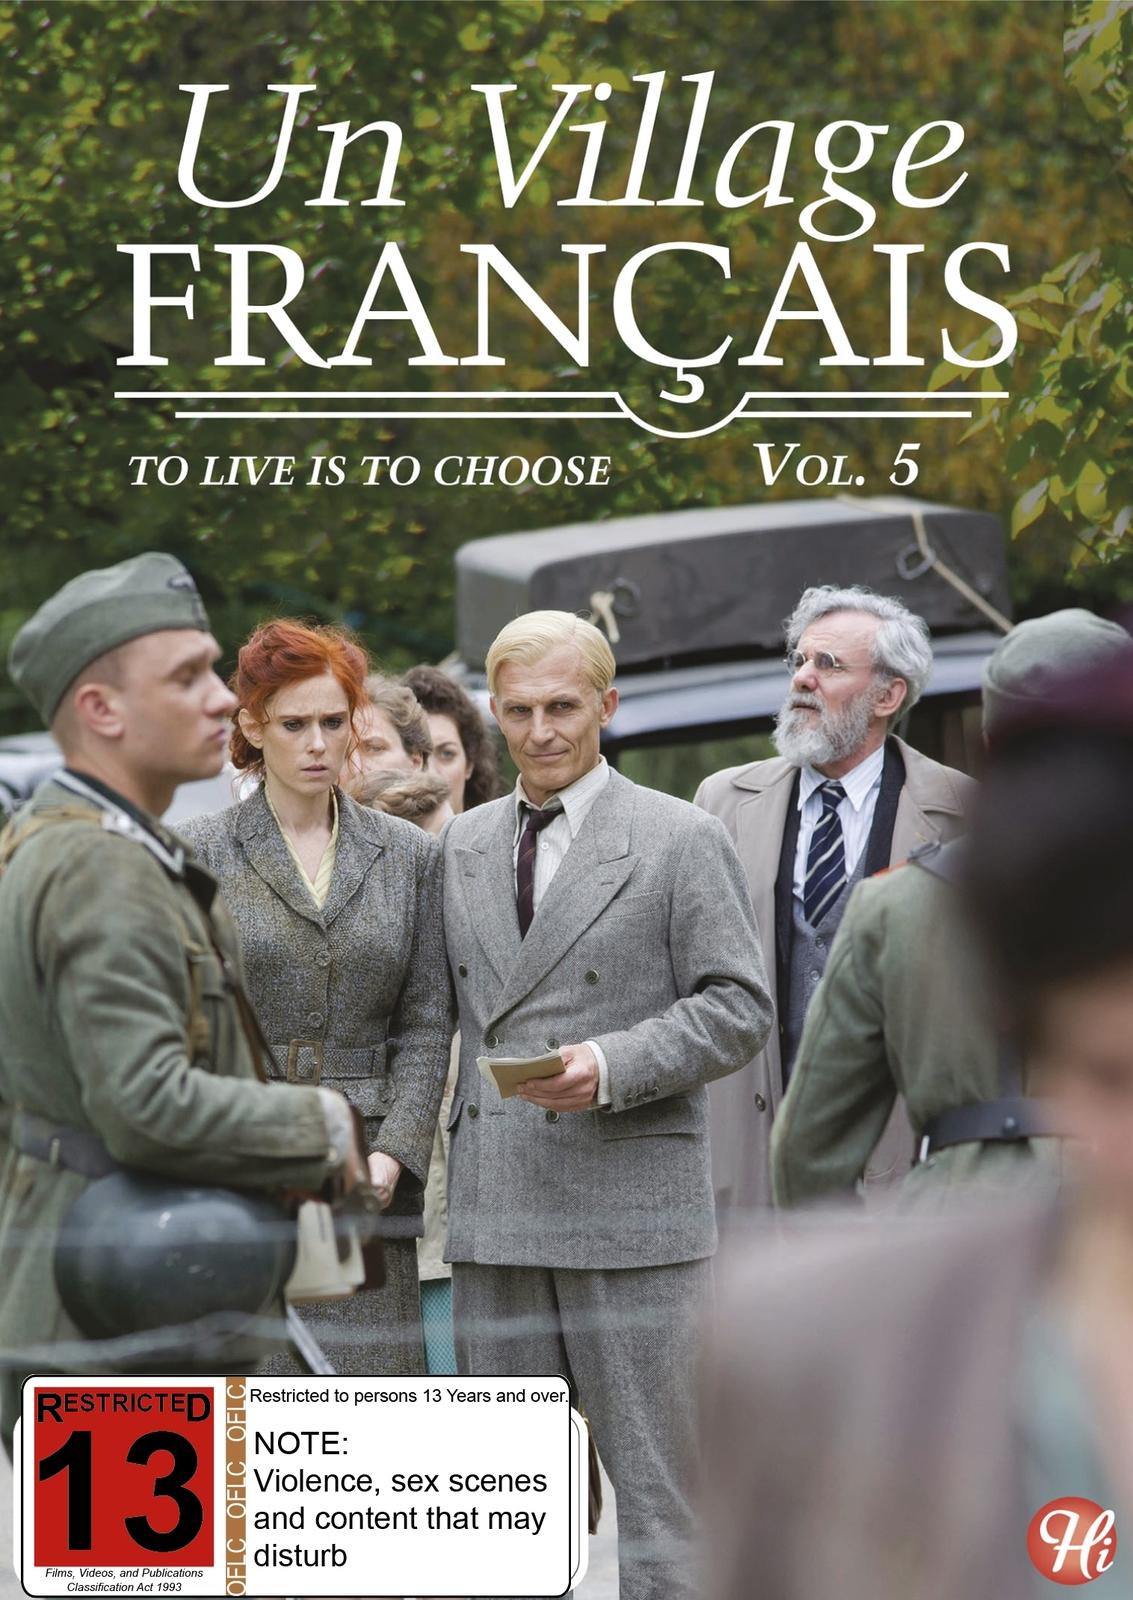 Un Village Francais - Vol. 5 on DVD image